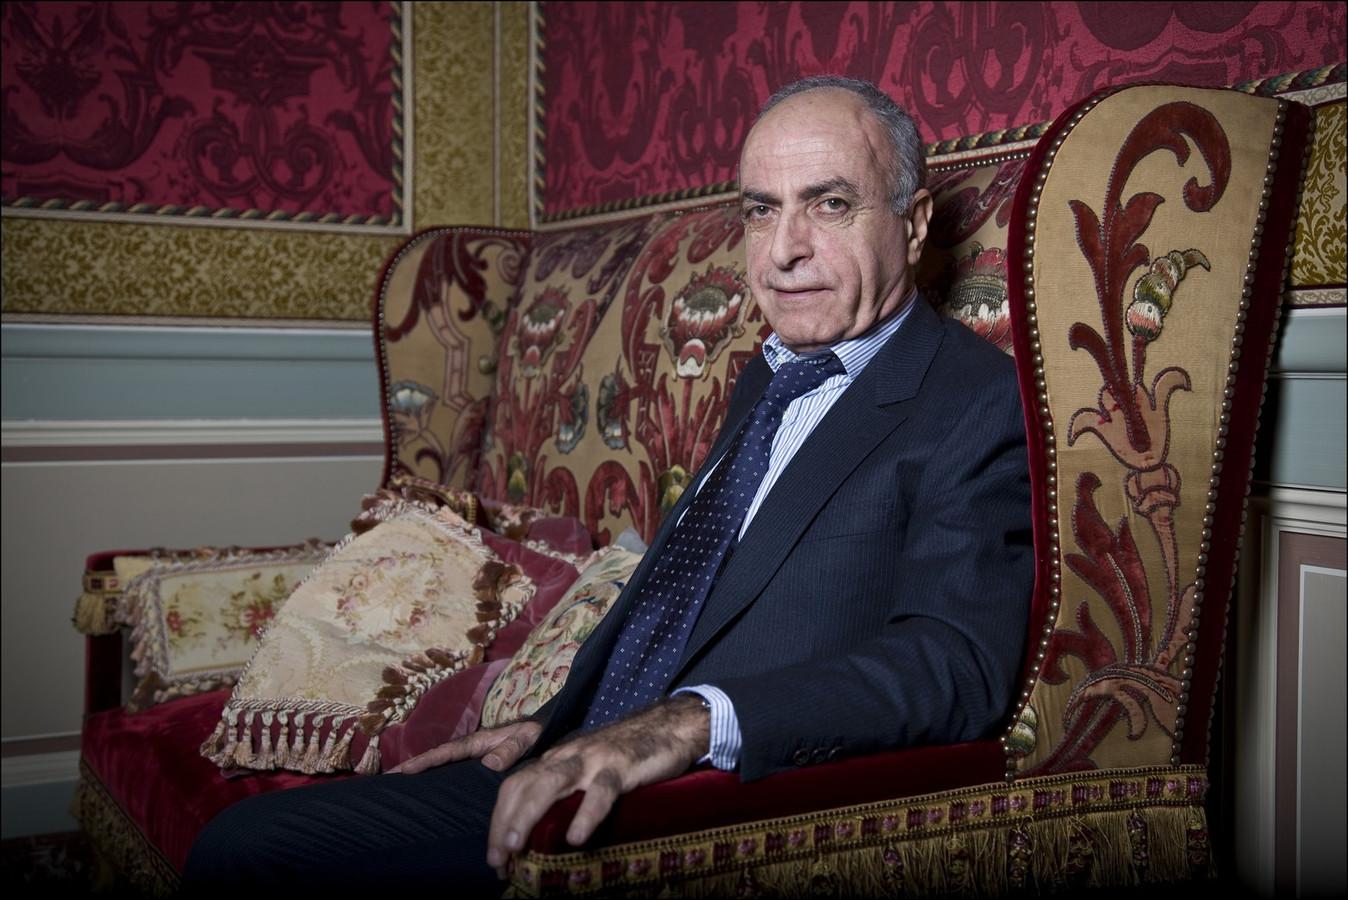 Ziad Takieddine